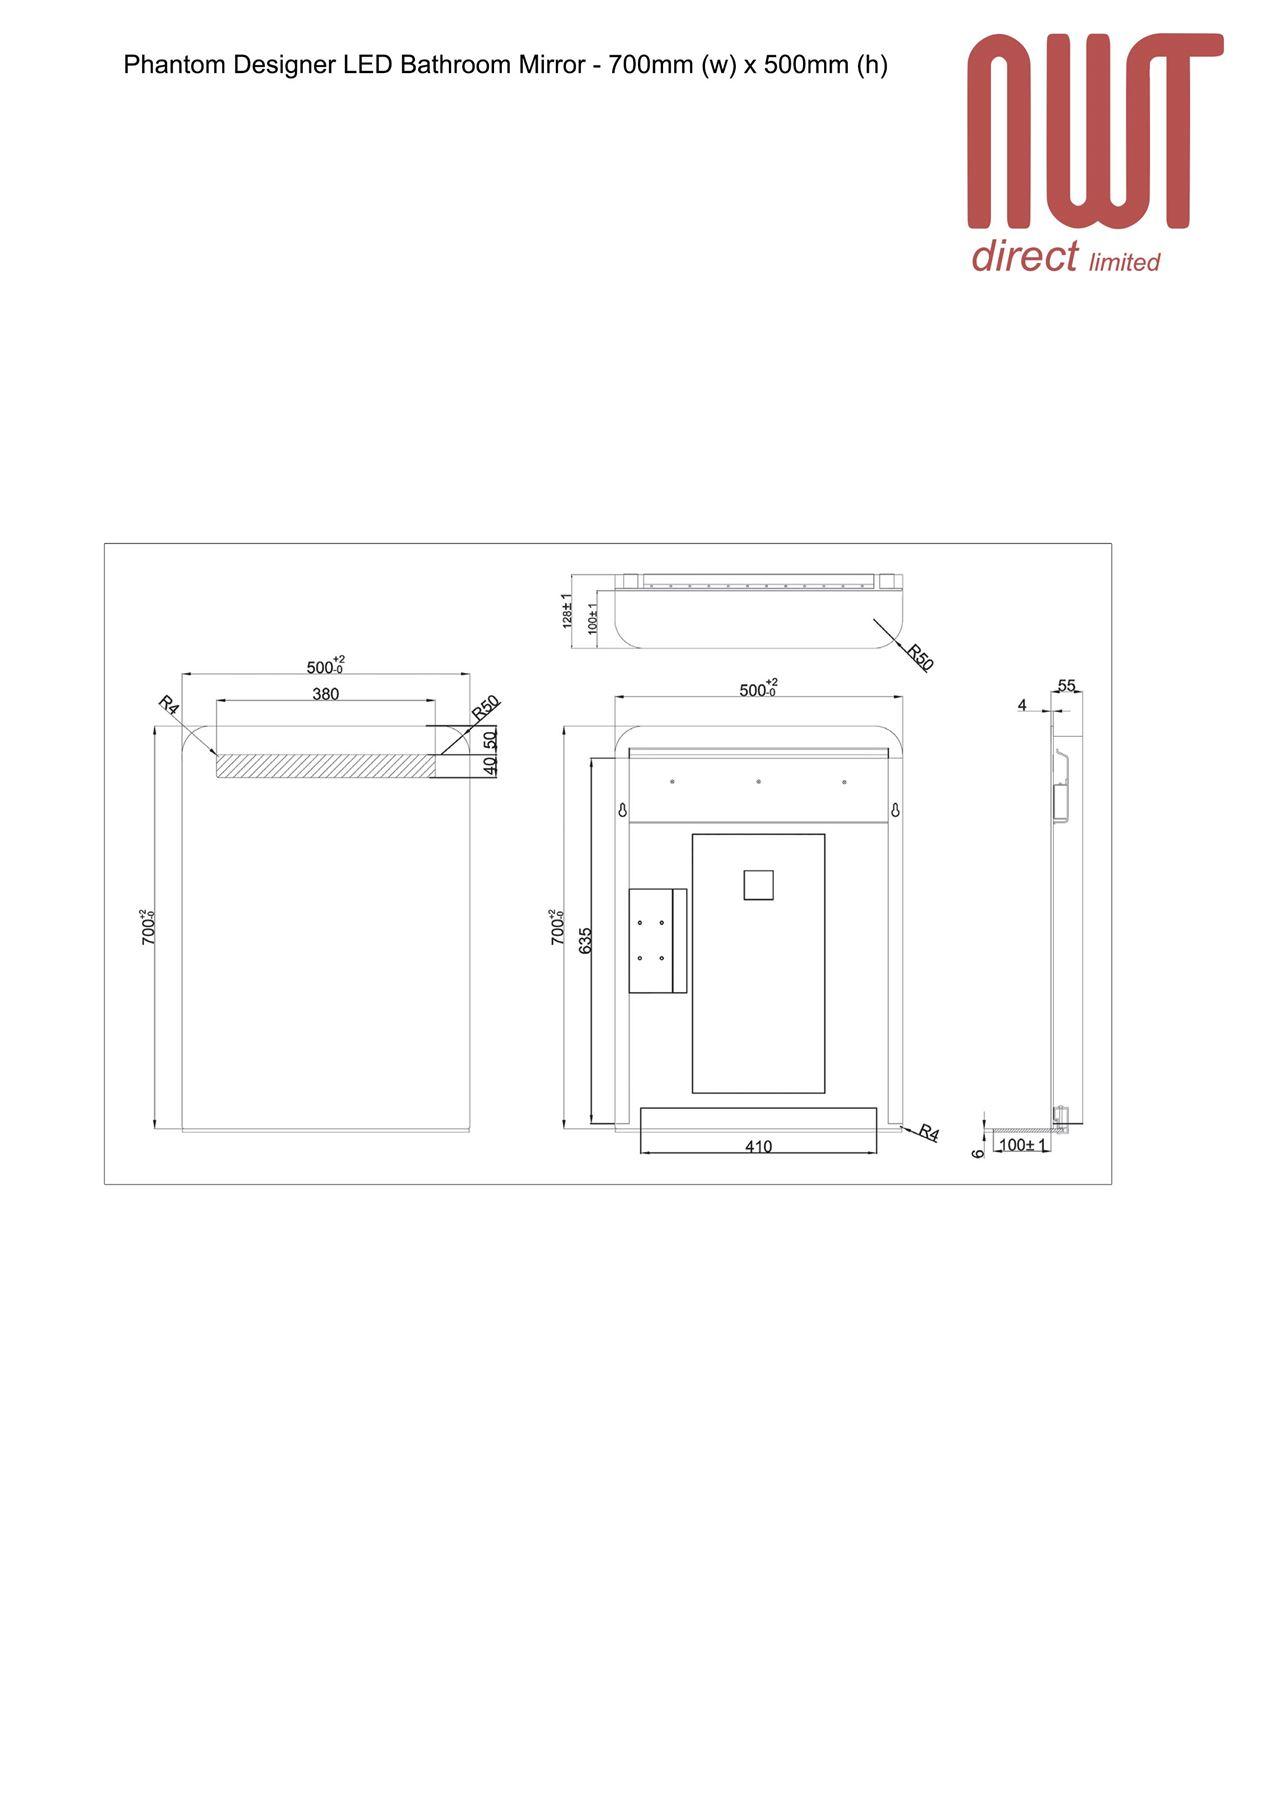 034-phantom-034-led-bathroom-mirrors-on-off-